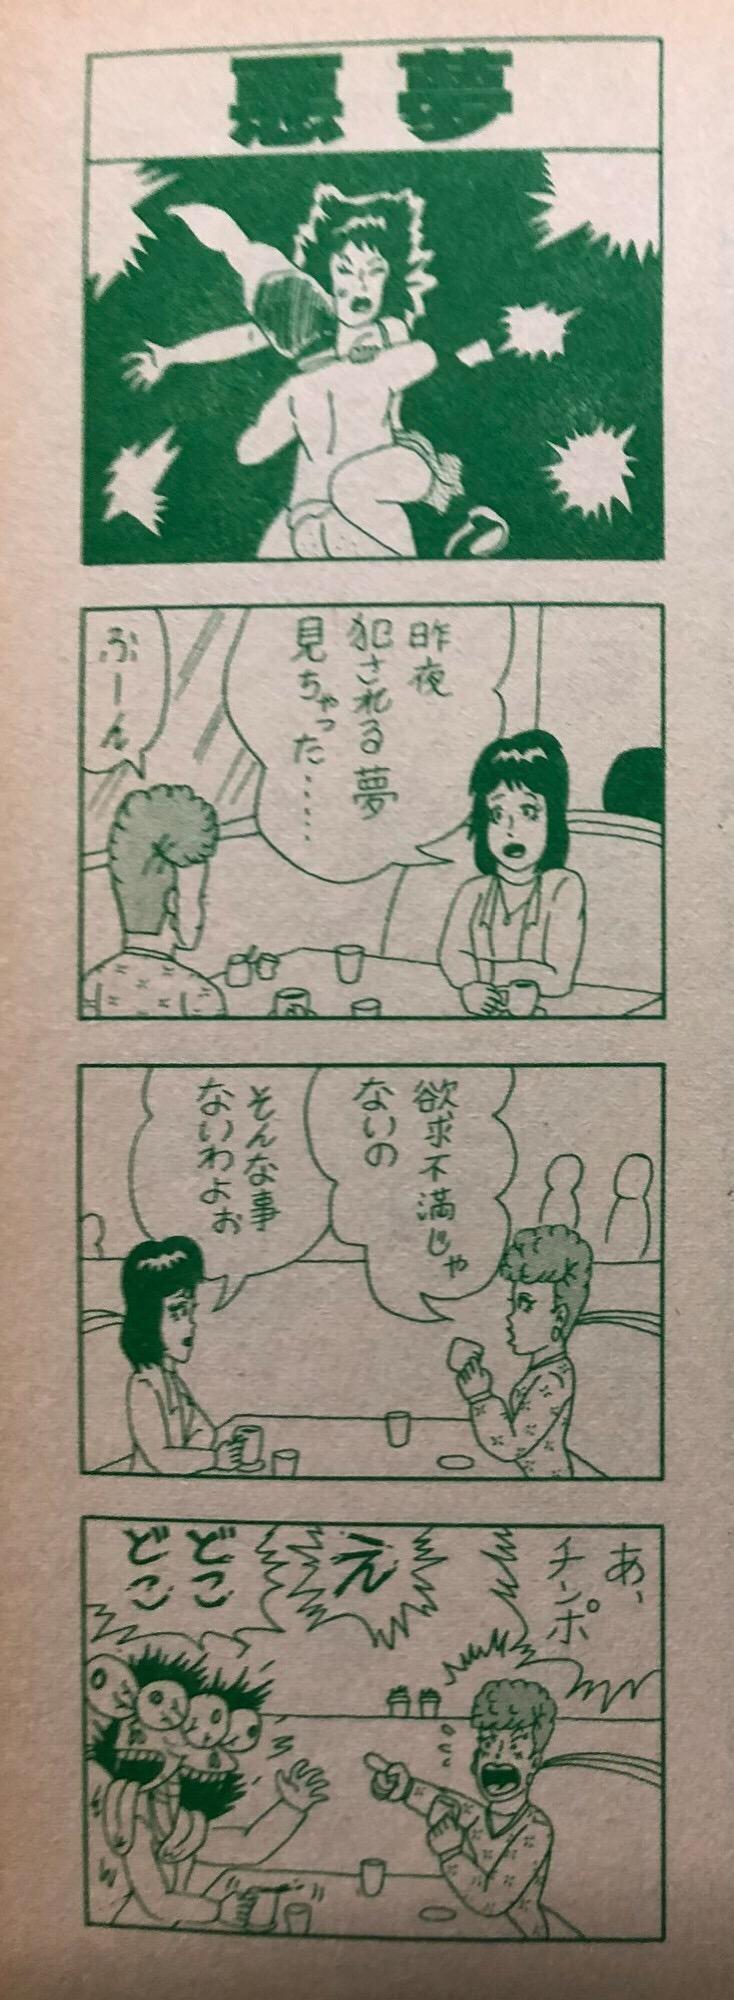 昭和道 無料エロ漫画